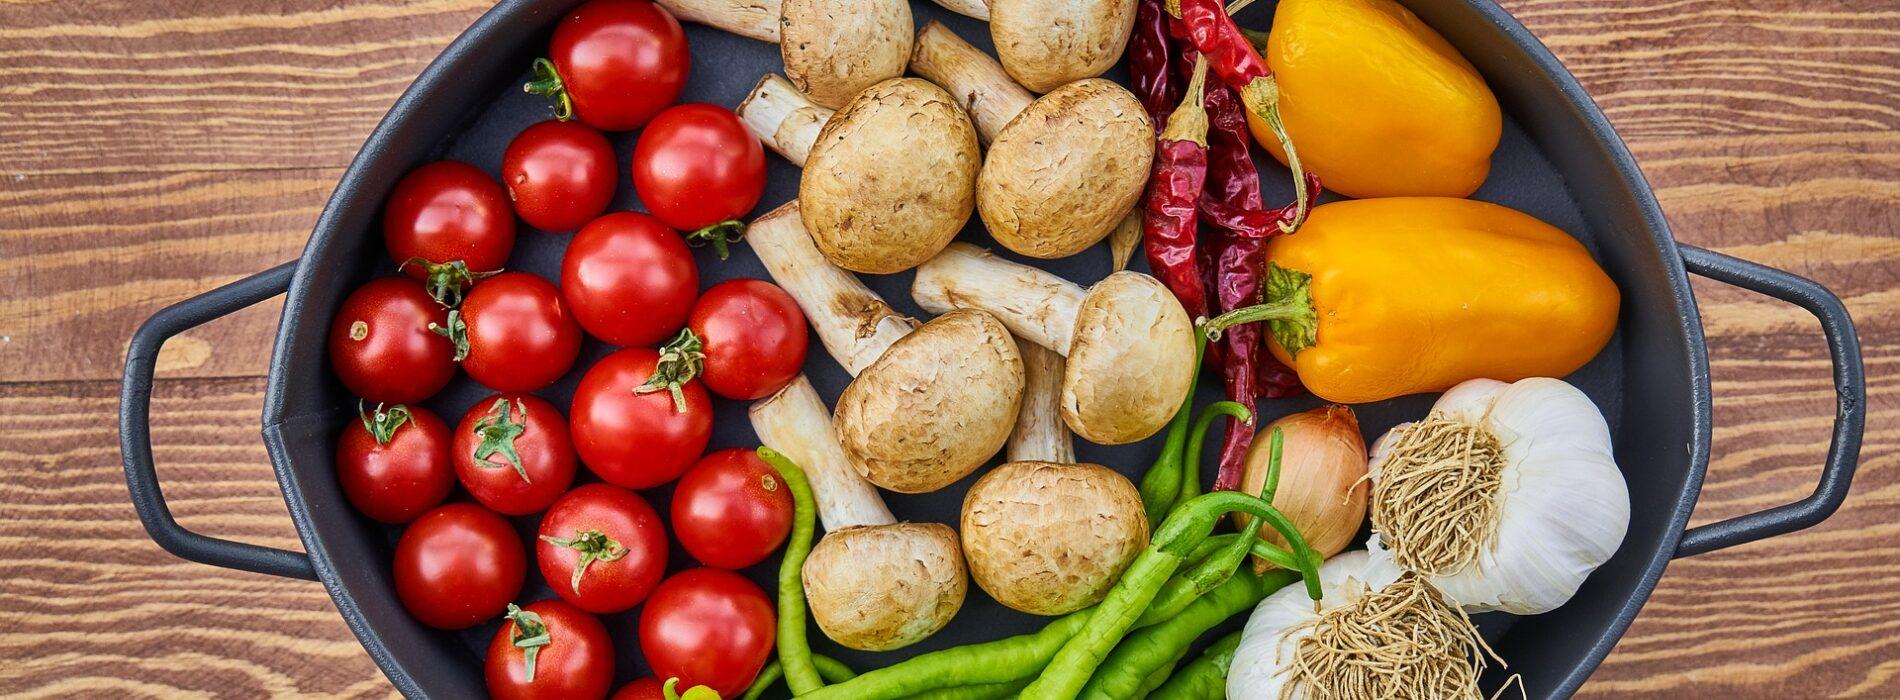 Jakie jest znaczenie zdrowego odżywiania dla zdrowia?